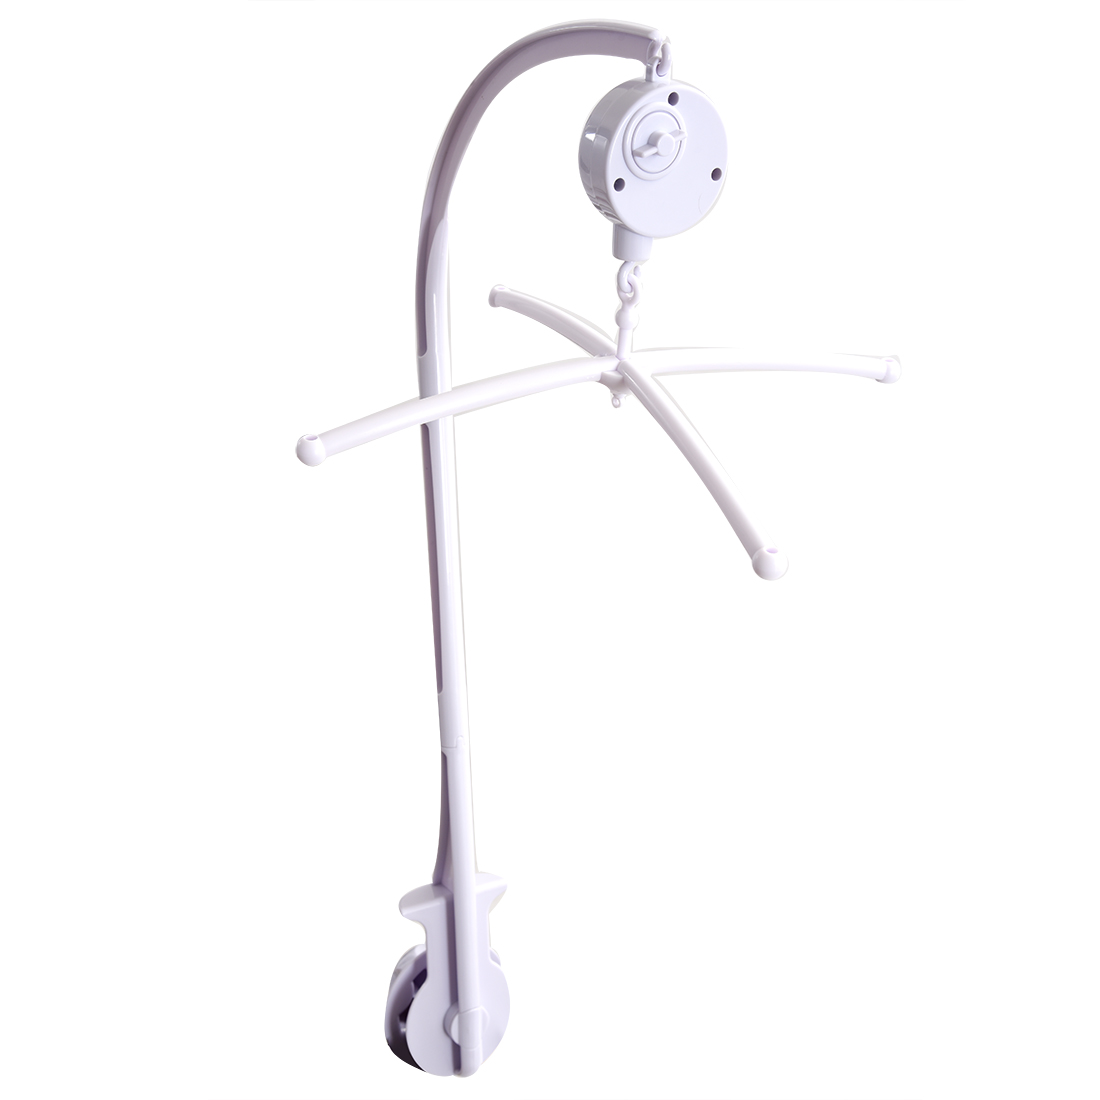 Weiß Babybett Mobile Glocke Spielzeug Arm Halterung + Wind-up Musik Box